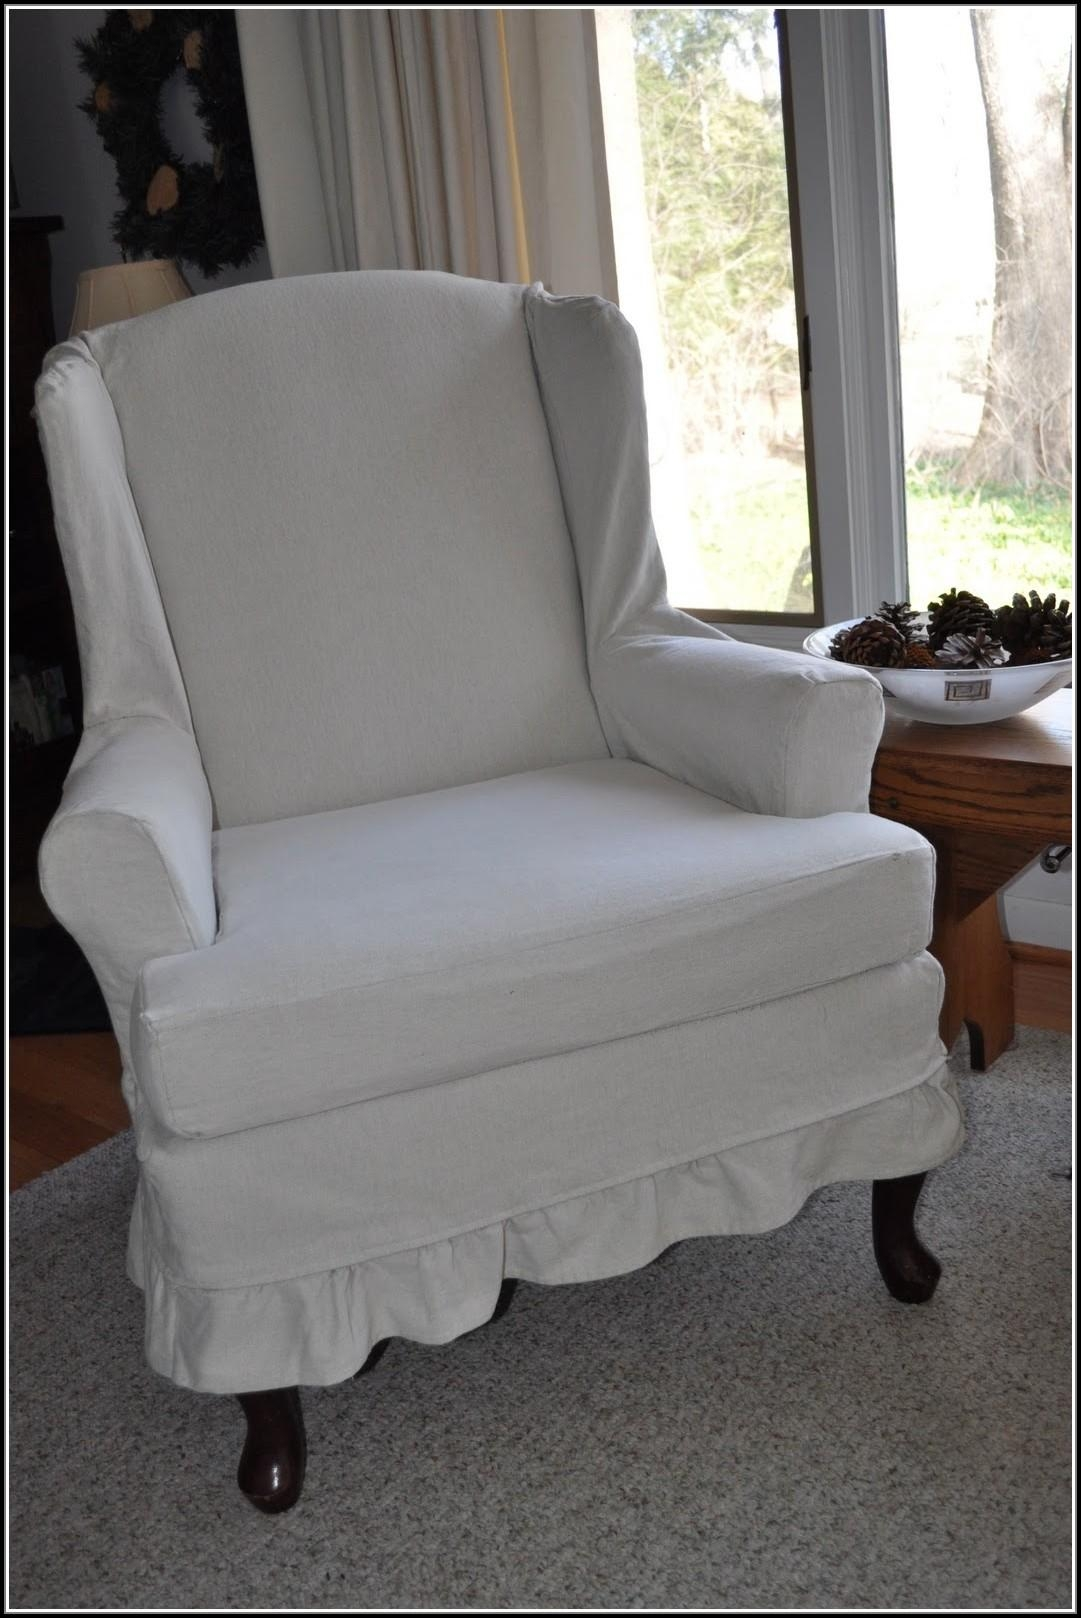 2018 Latest Pottery Barn Chair Slipcovers Sofa Ideas